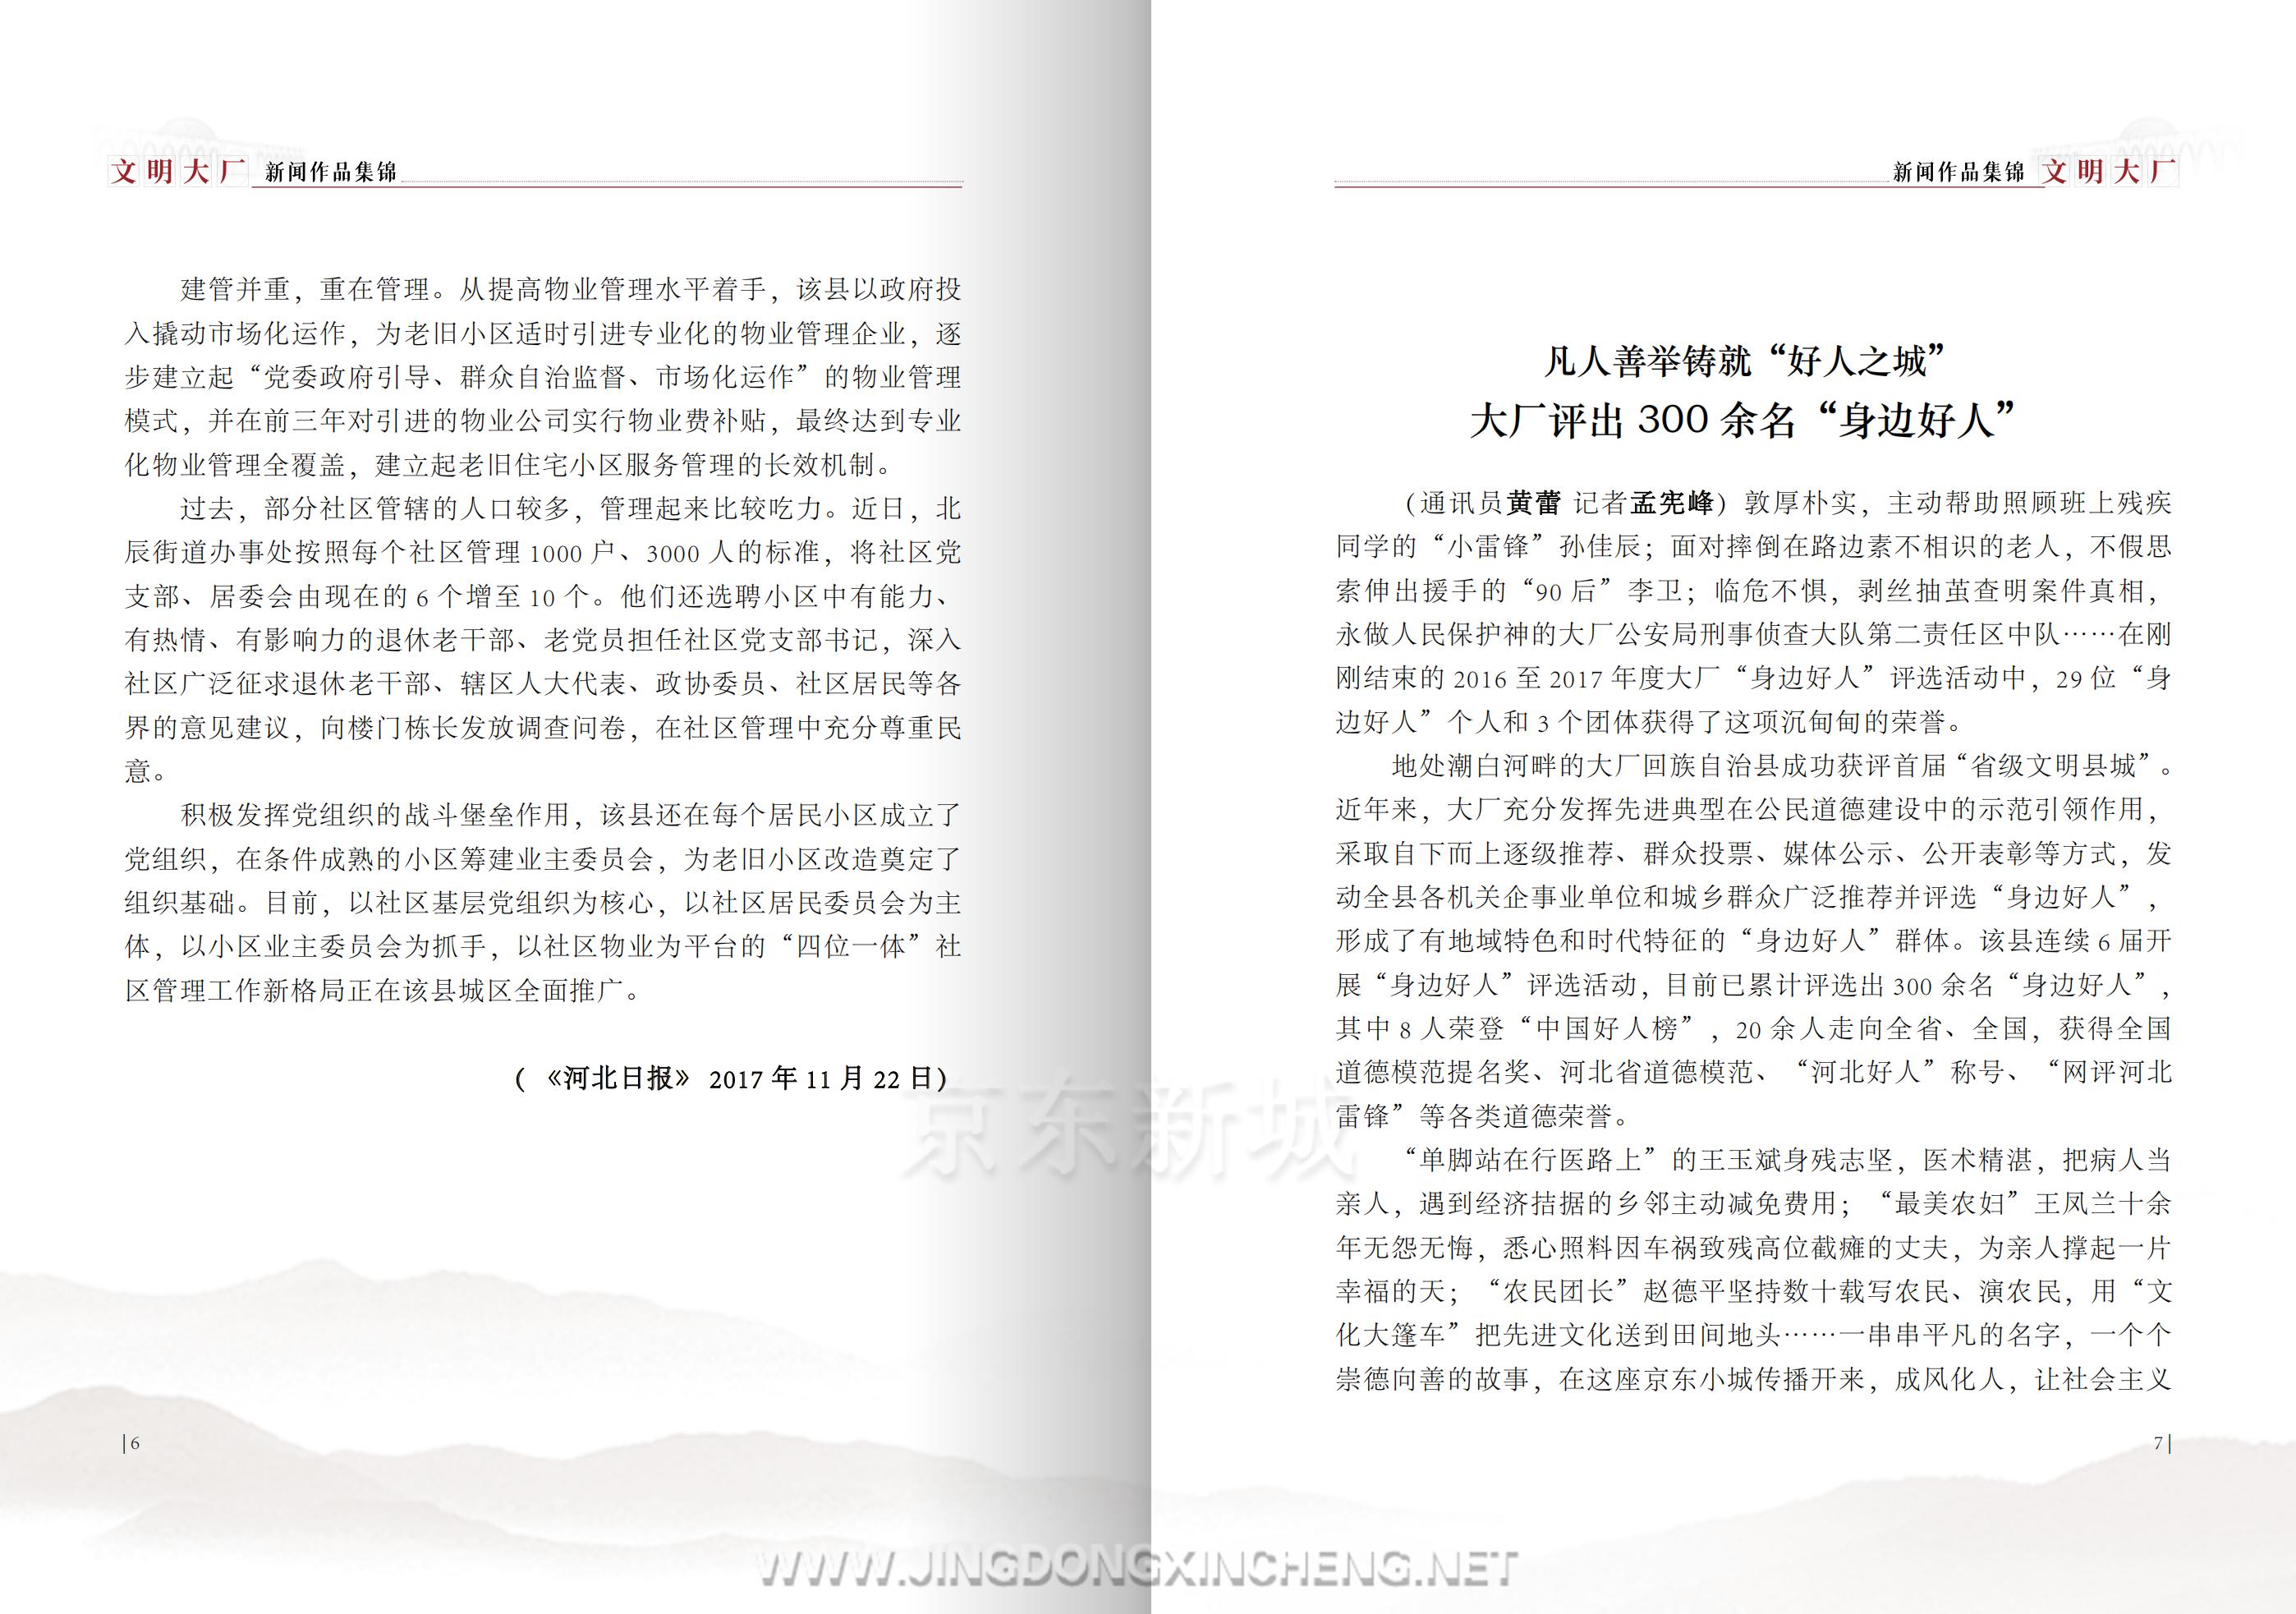 文明大厂书籍-定稿-上传版_07.png